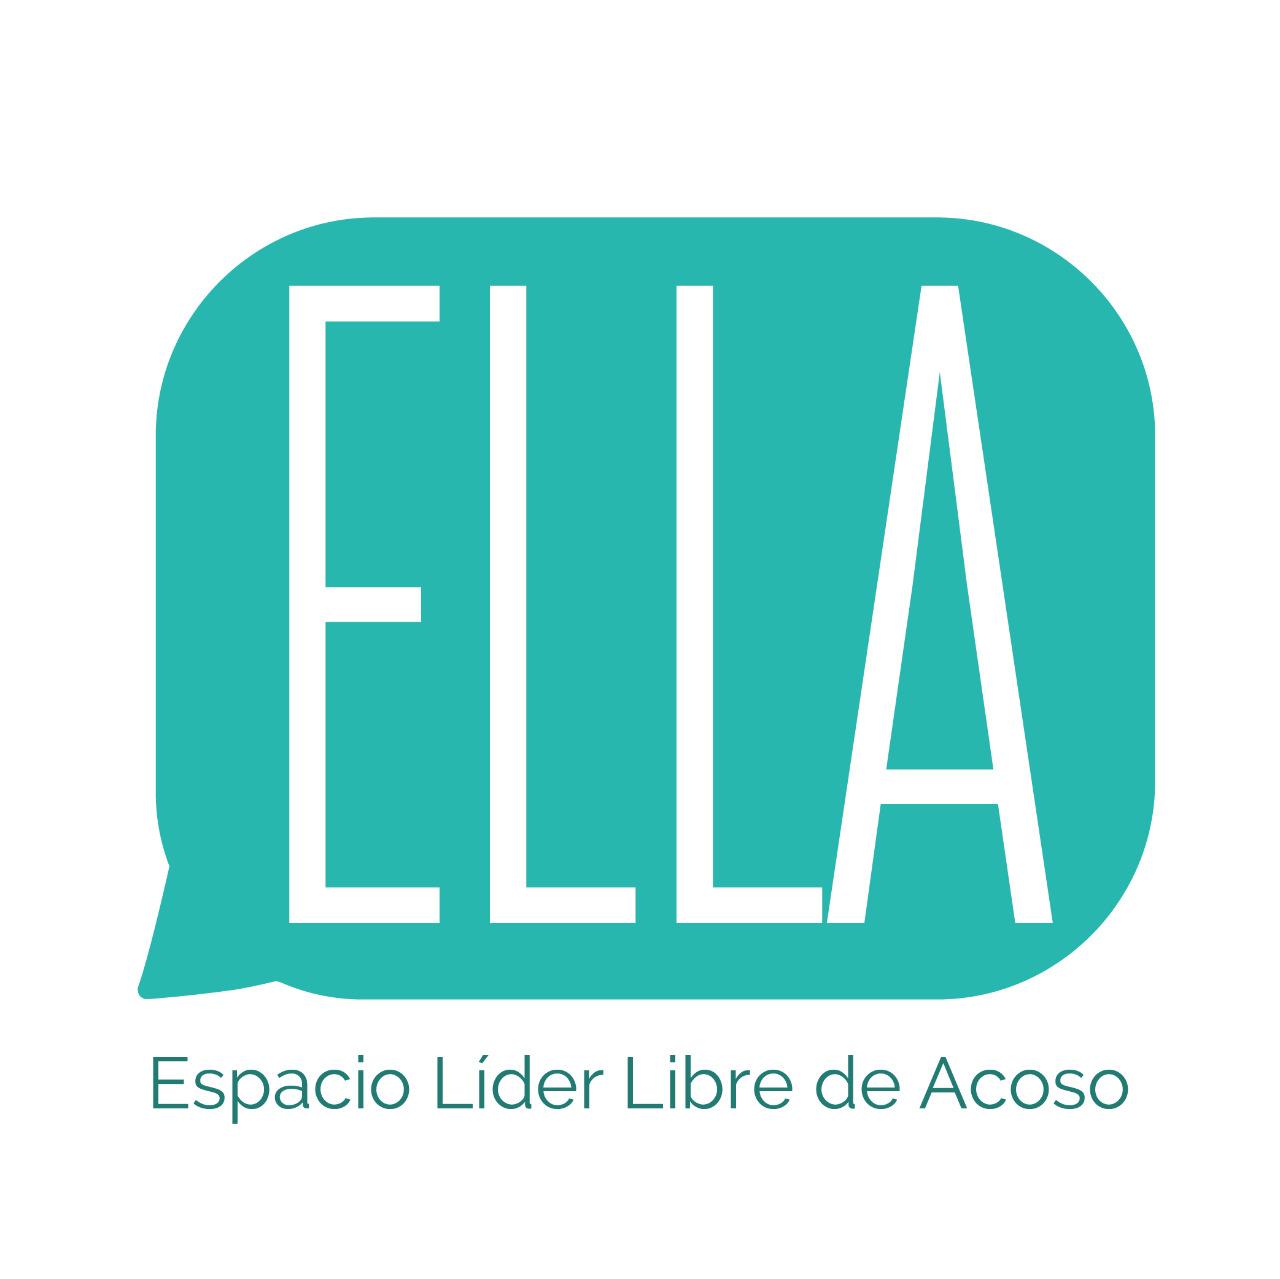 Logo Espacio L°der Libre de Acoso - Festival Internacional Puro Cuento 2019.jpeg